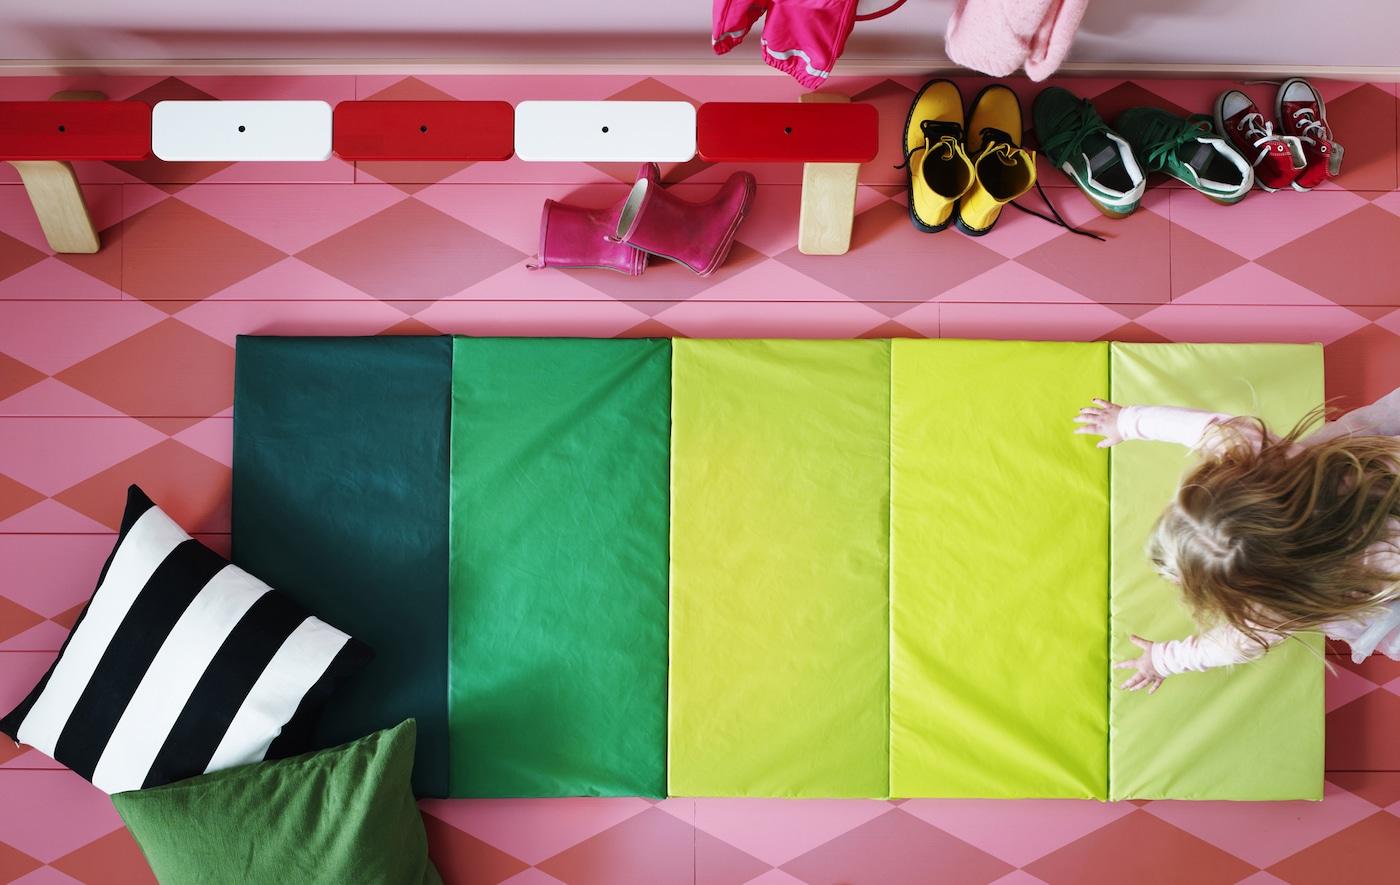 Vue de dessus d'un tapis de jeu rayé vert sur un sol rose avec un enfant qui joue.